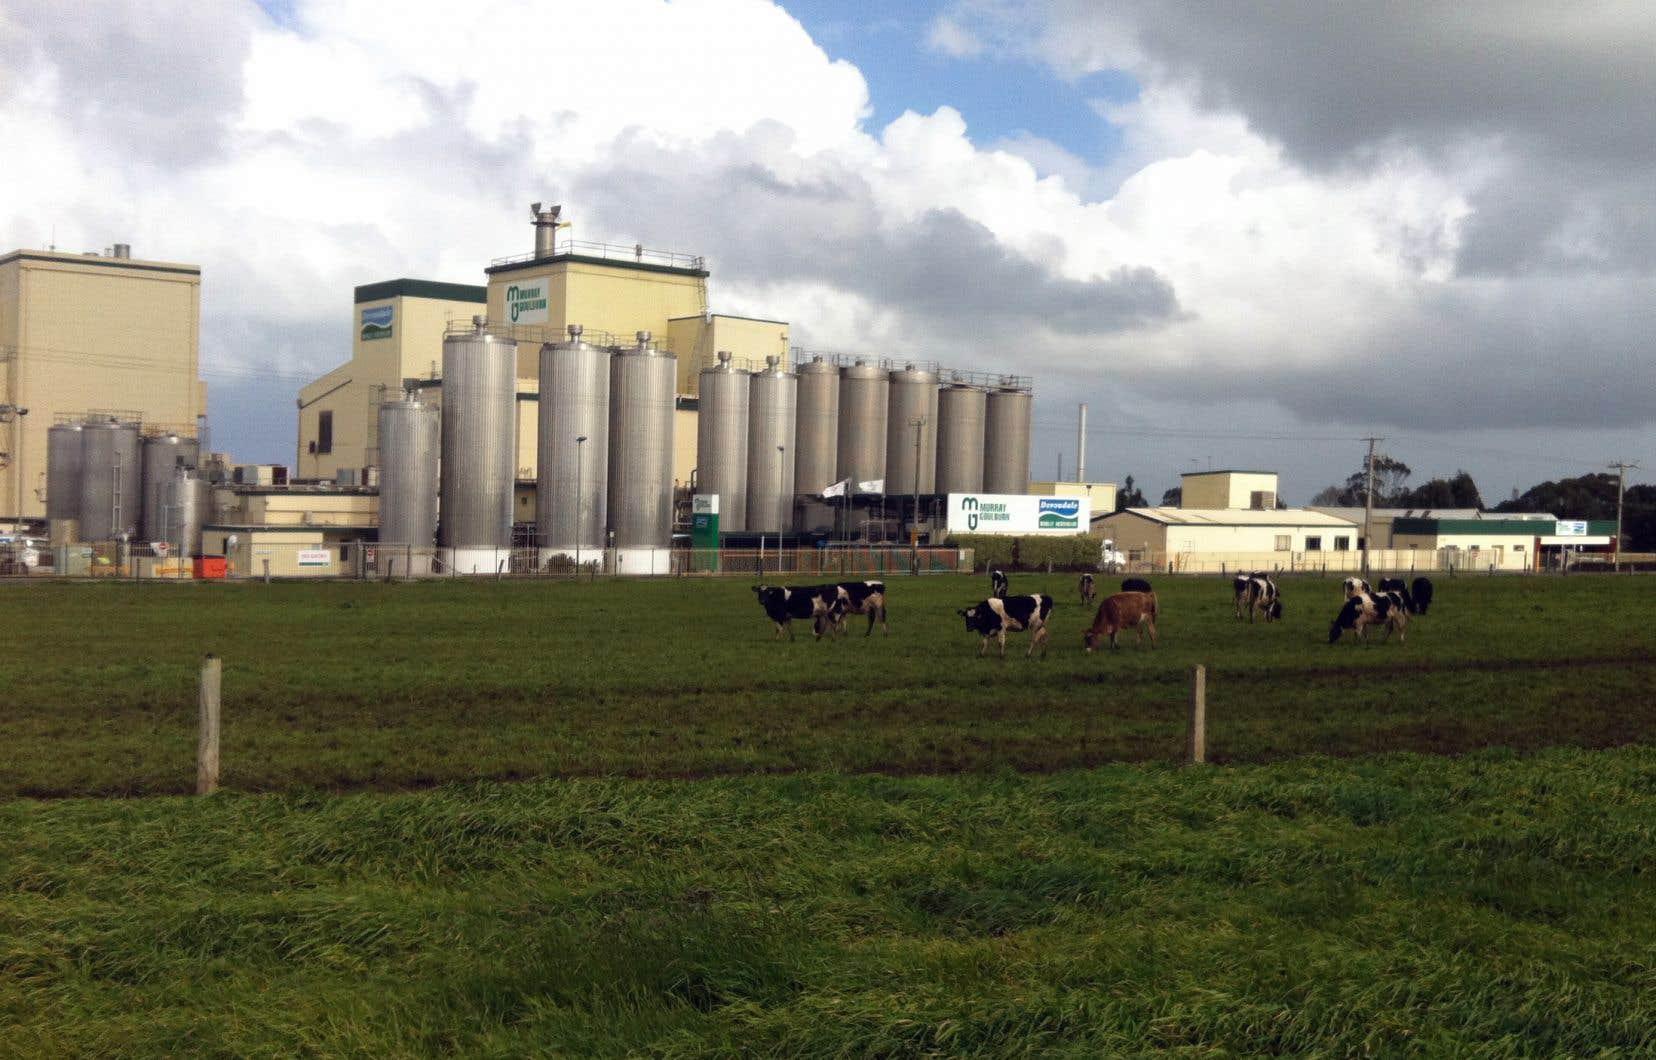 Les craintes concernent l'usine de Koroit, située dans l'État de Victoria, qui permettrait à Saputo de contrôler plus des deux tiers de la capacité de transformation dans cette région.